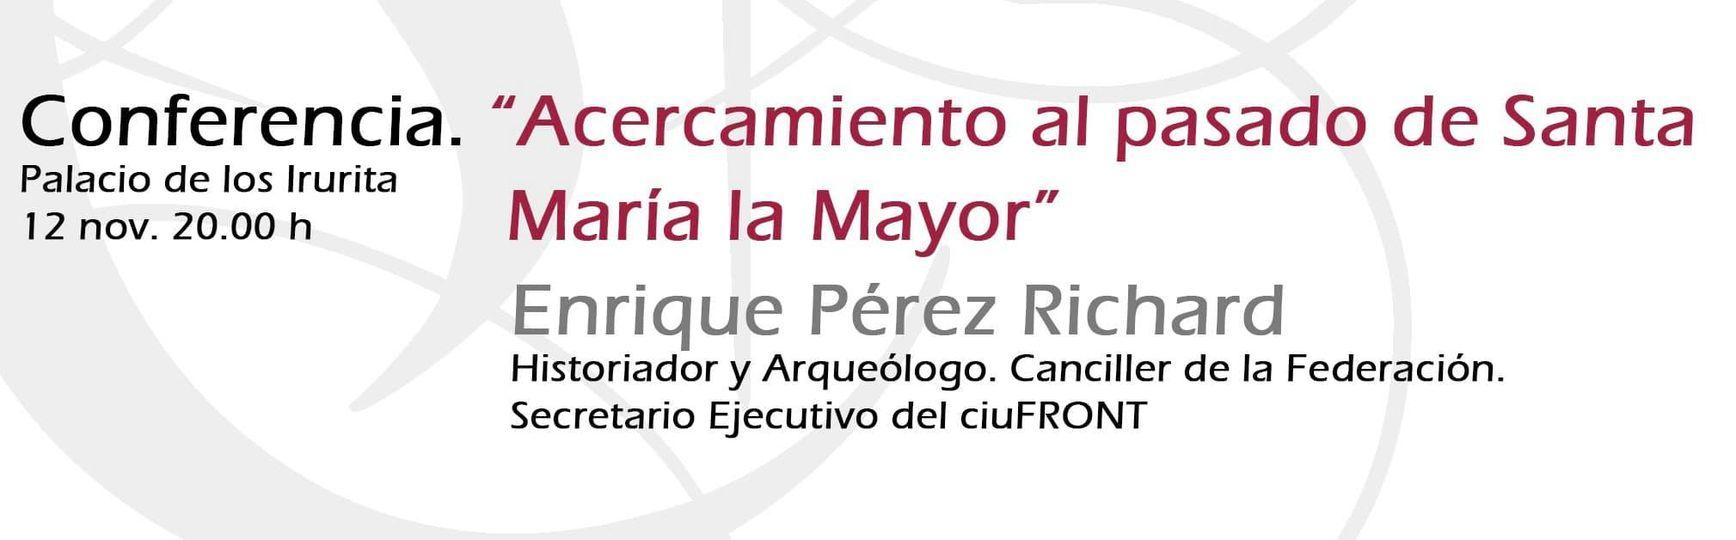 conferencia Santa María la Mayor